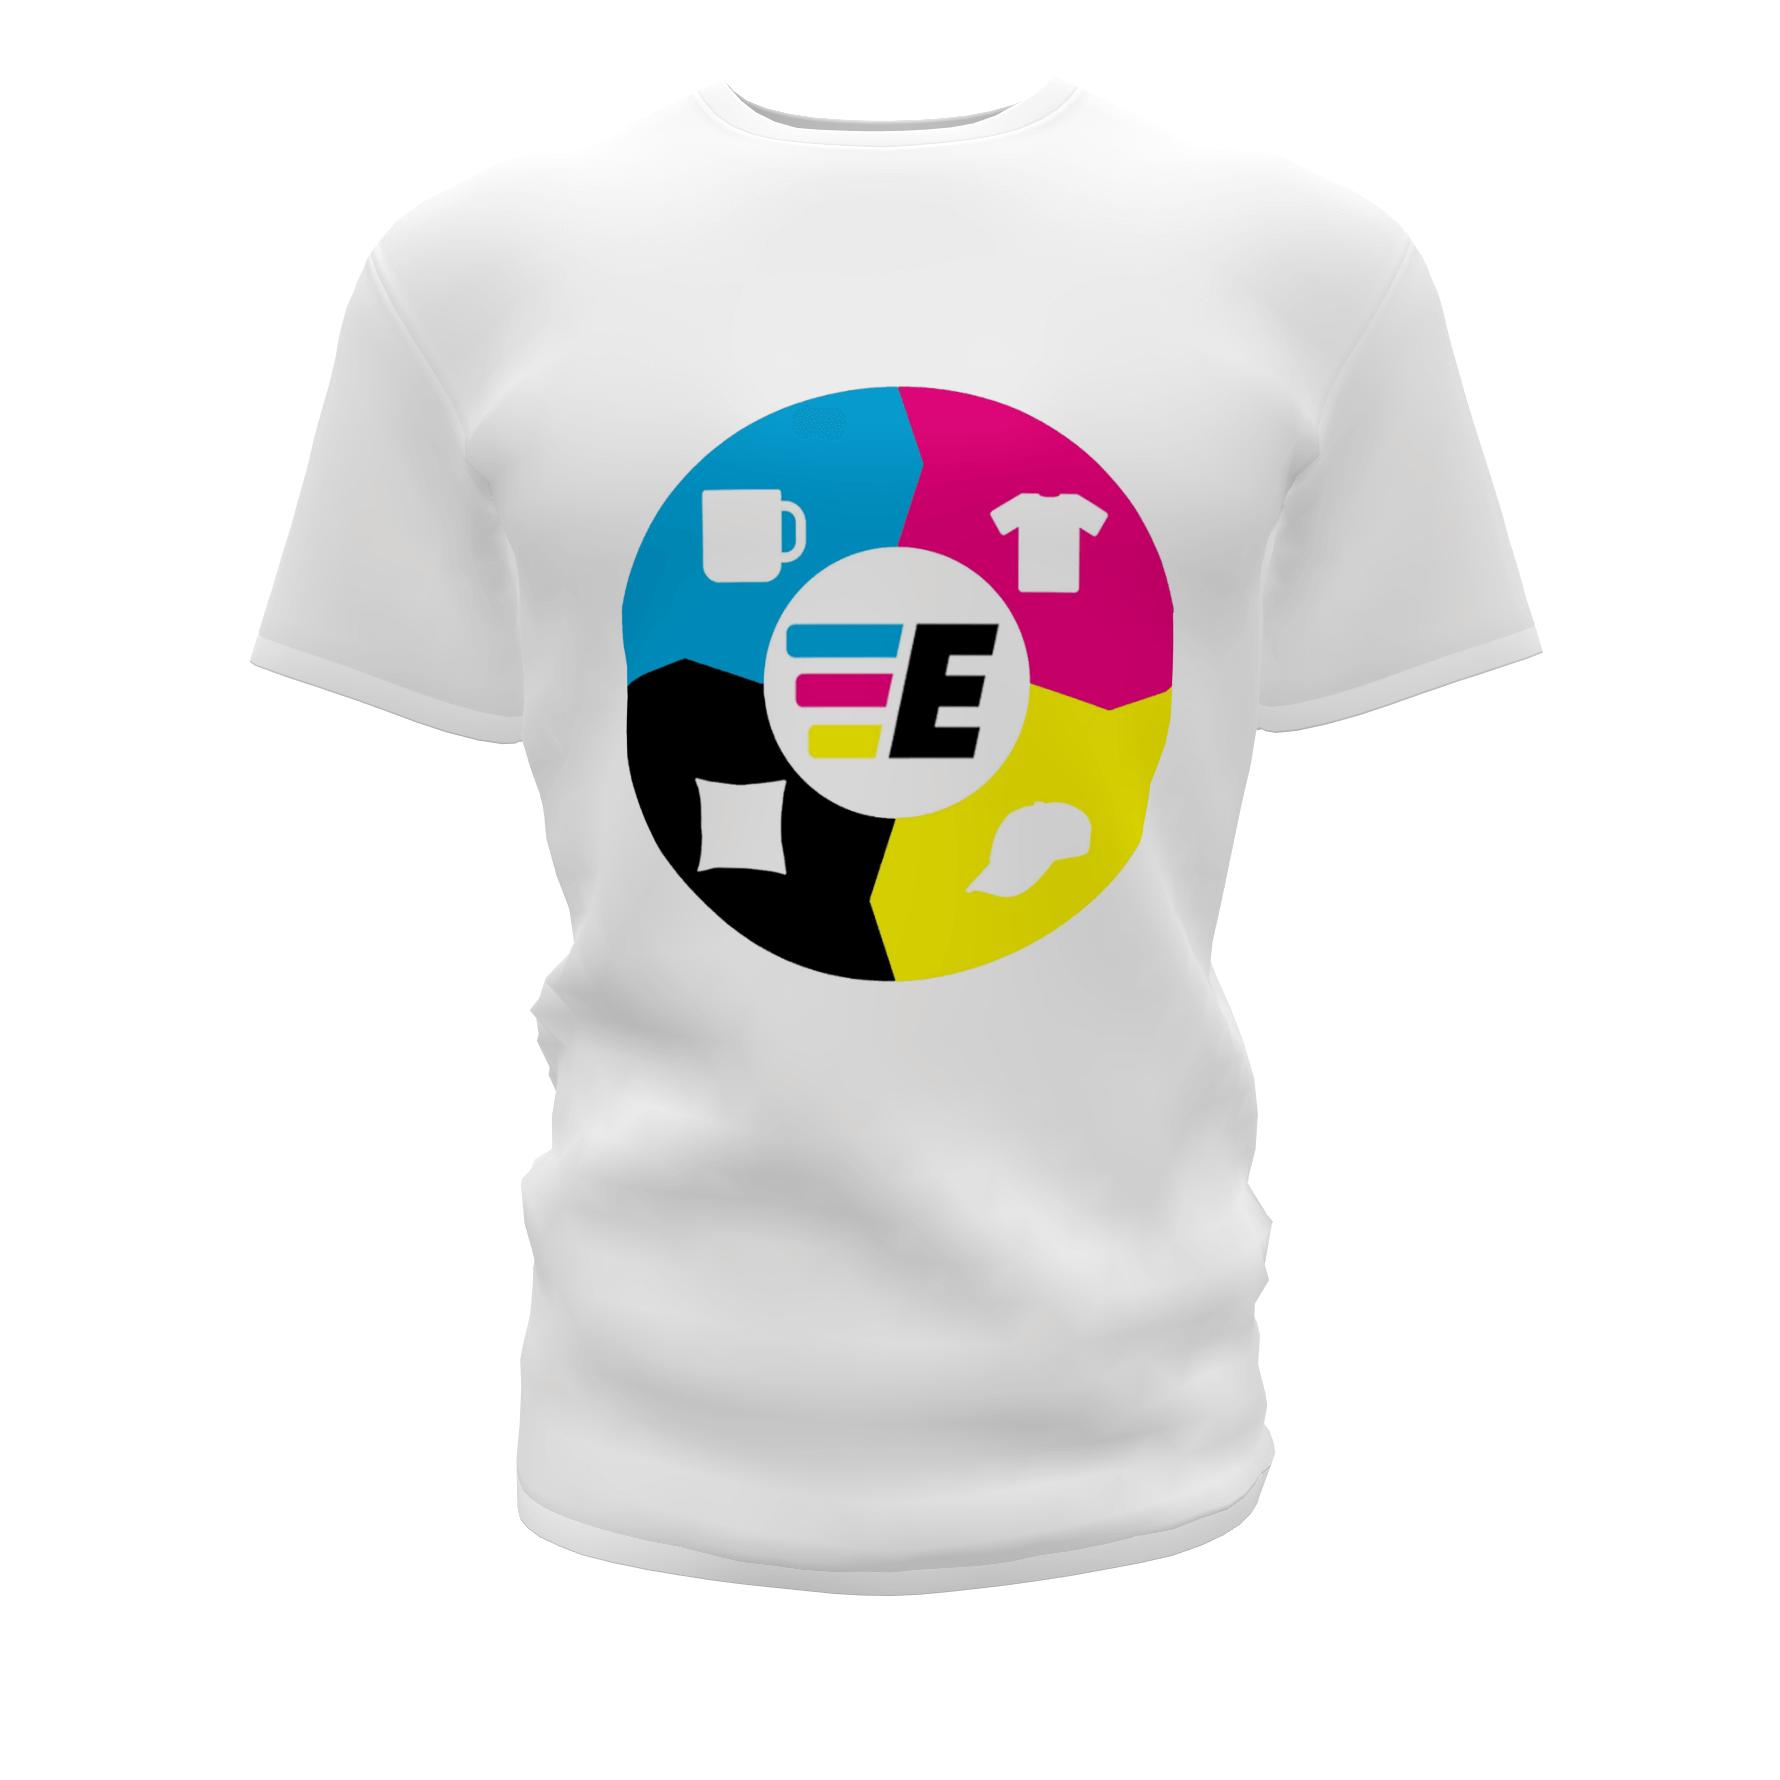 Camisetas Personalizadas para Trabalho